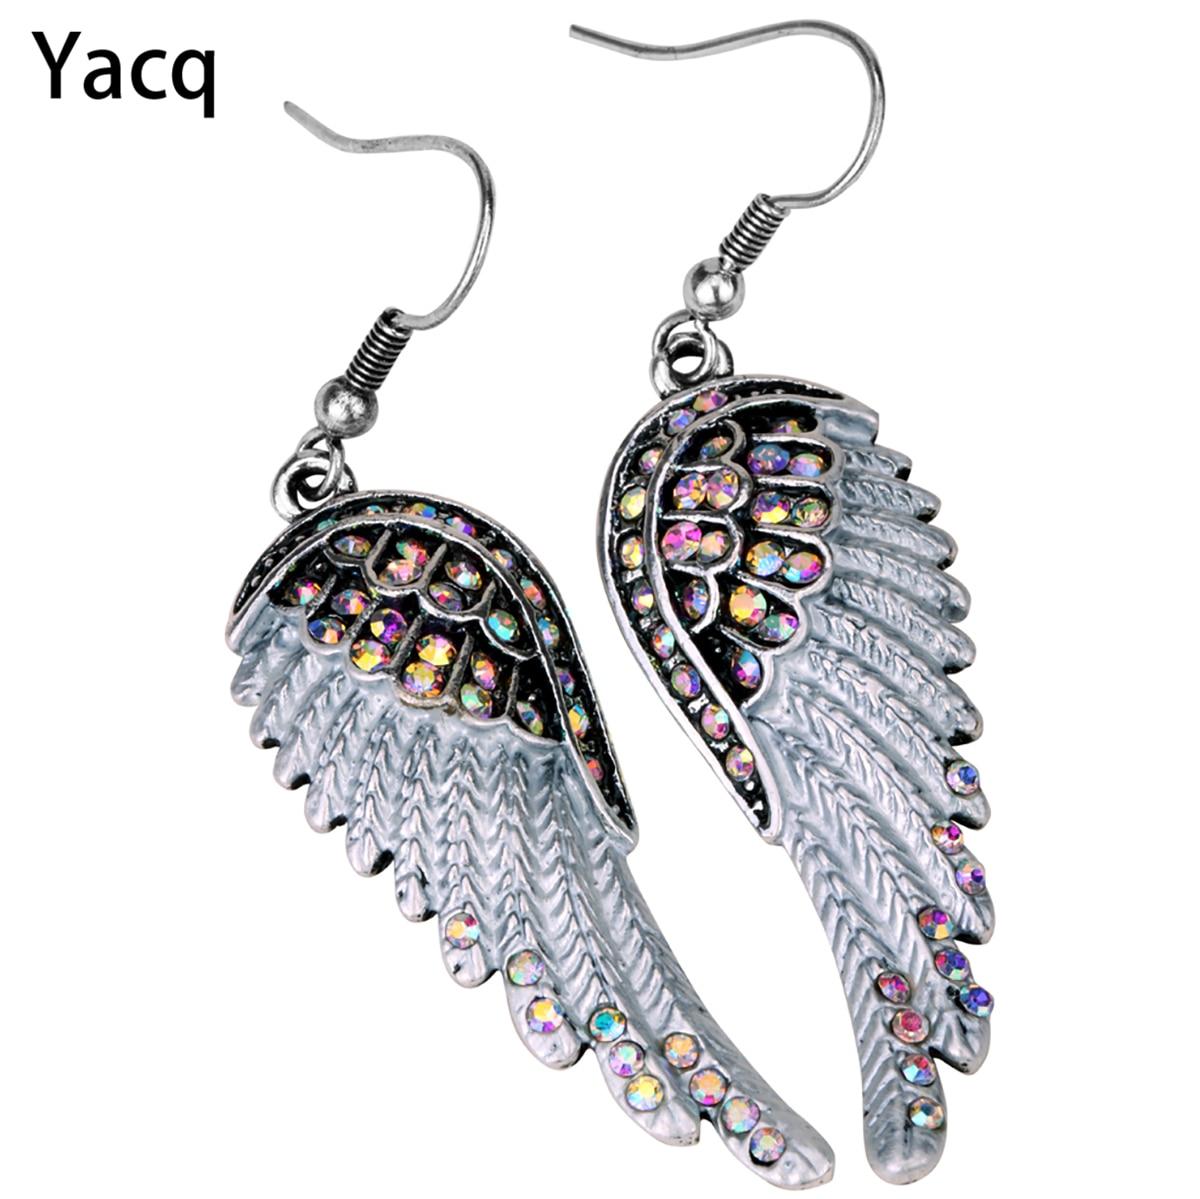 Engel vinger dingle øreringe antik guld sølv farve W krystal - Mode smykker